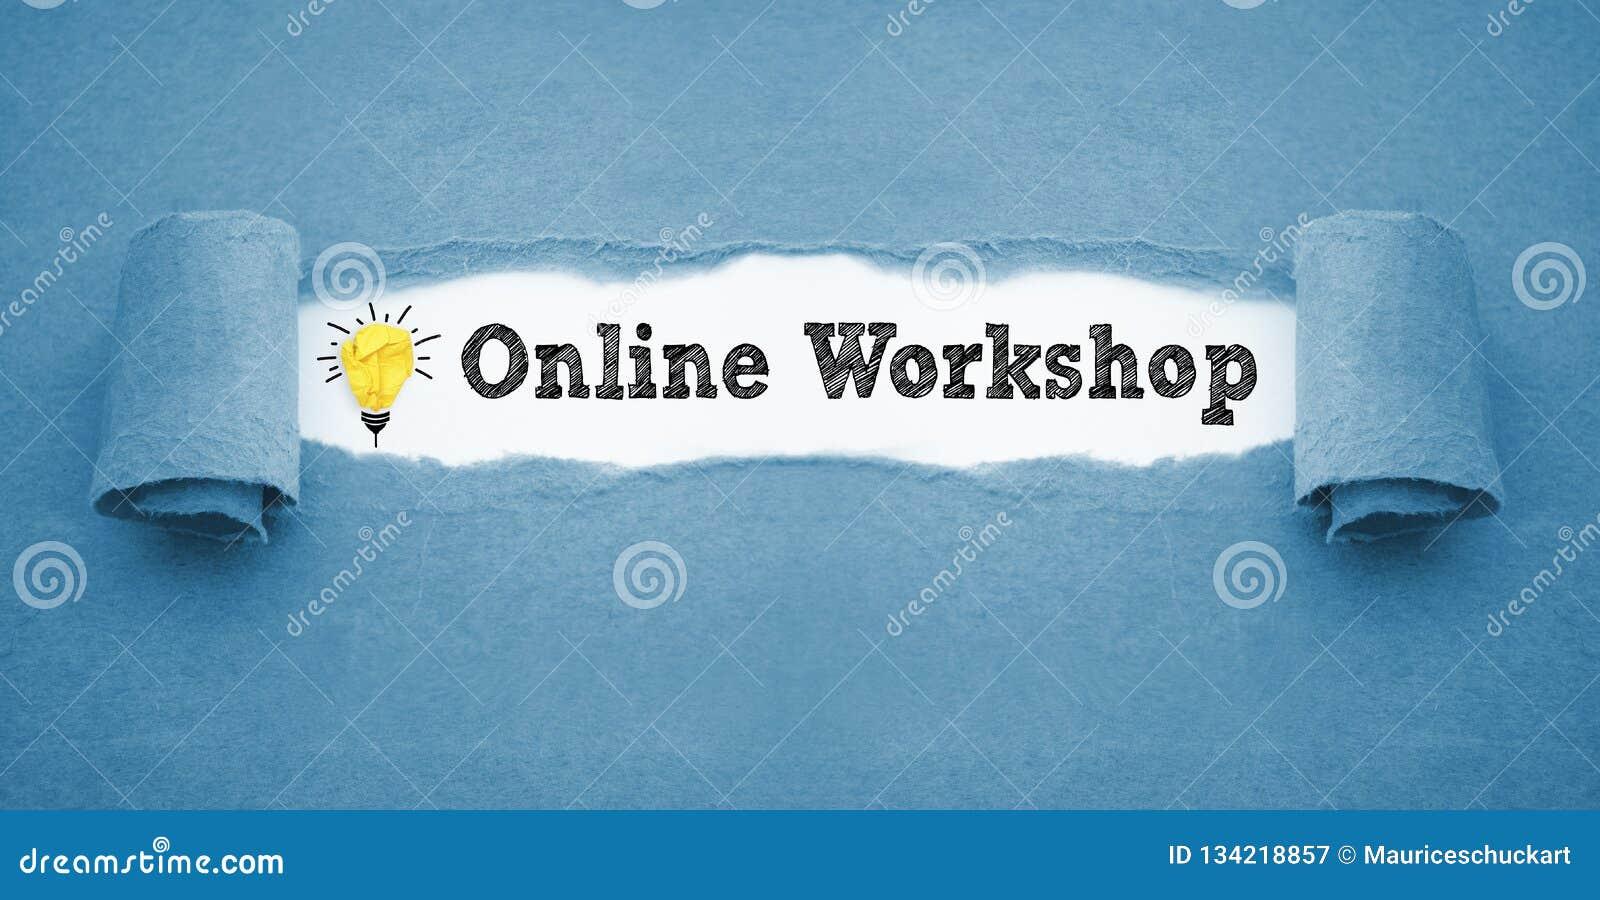 Обработка документов со скомканной бумажной электрической лампочкой и онлайн мастерской